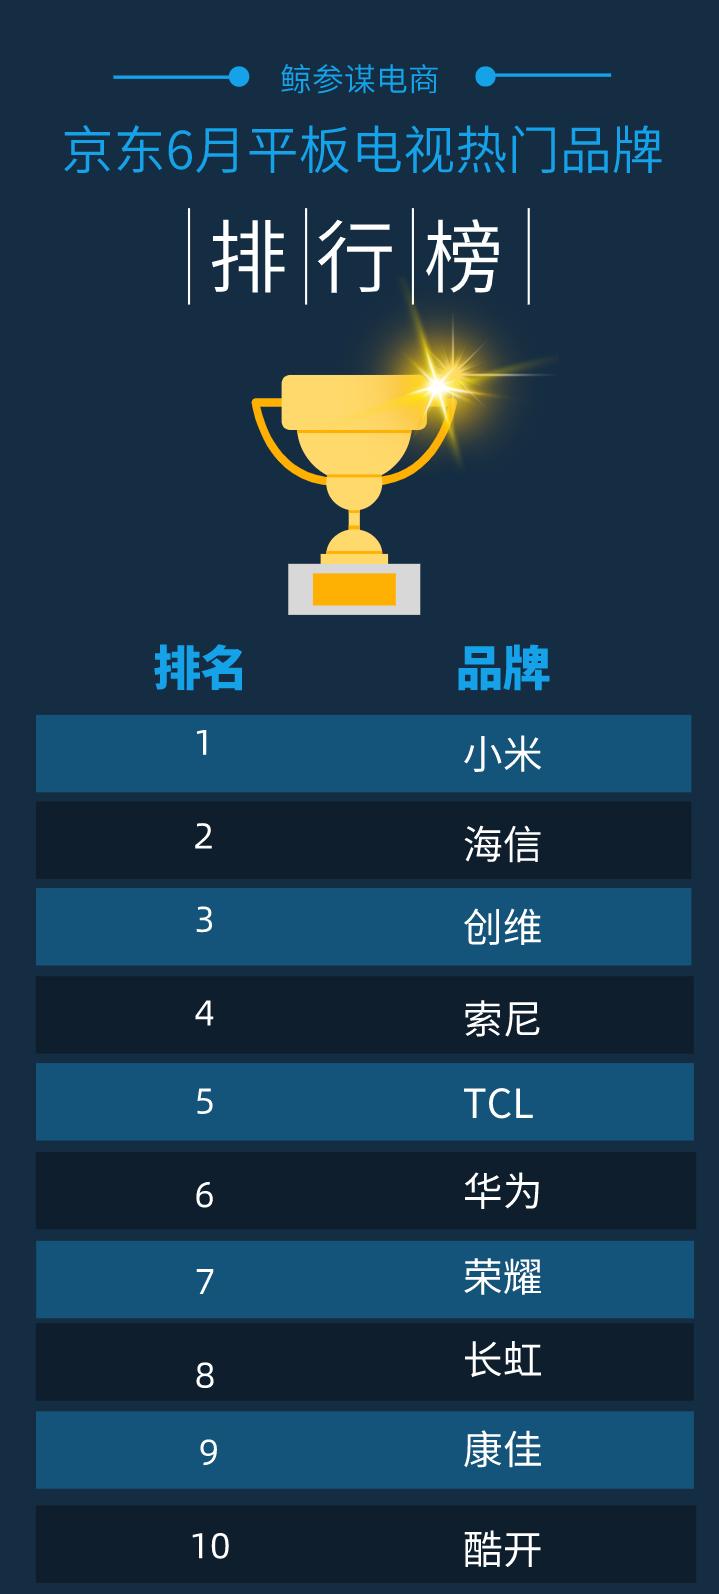 智能电视排行榜前十名(2021年智能电视质量排行榜前十名)(2)